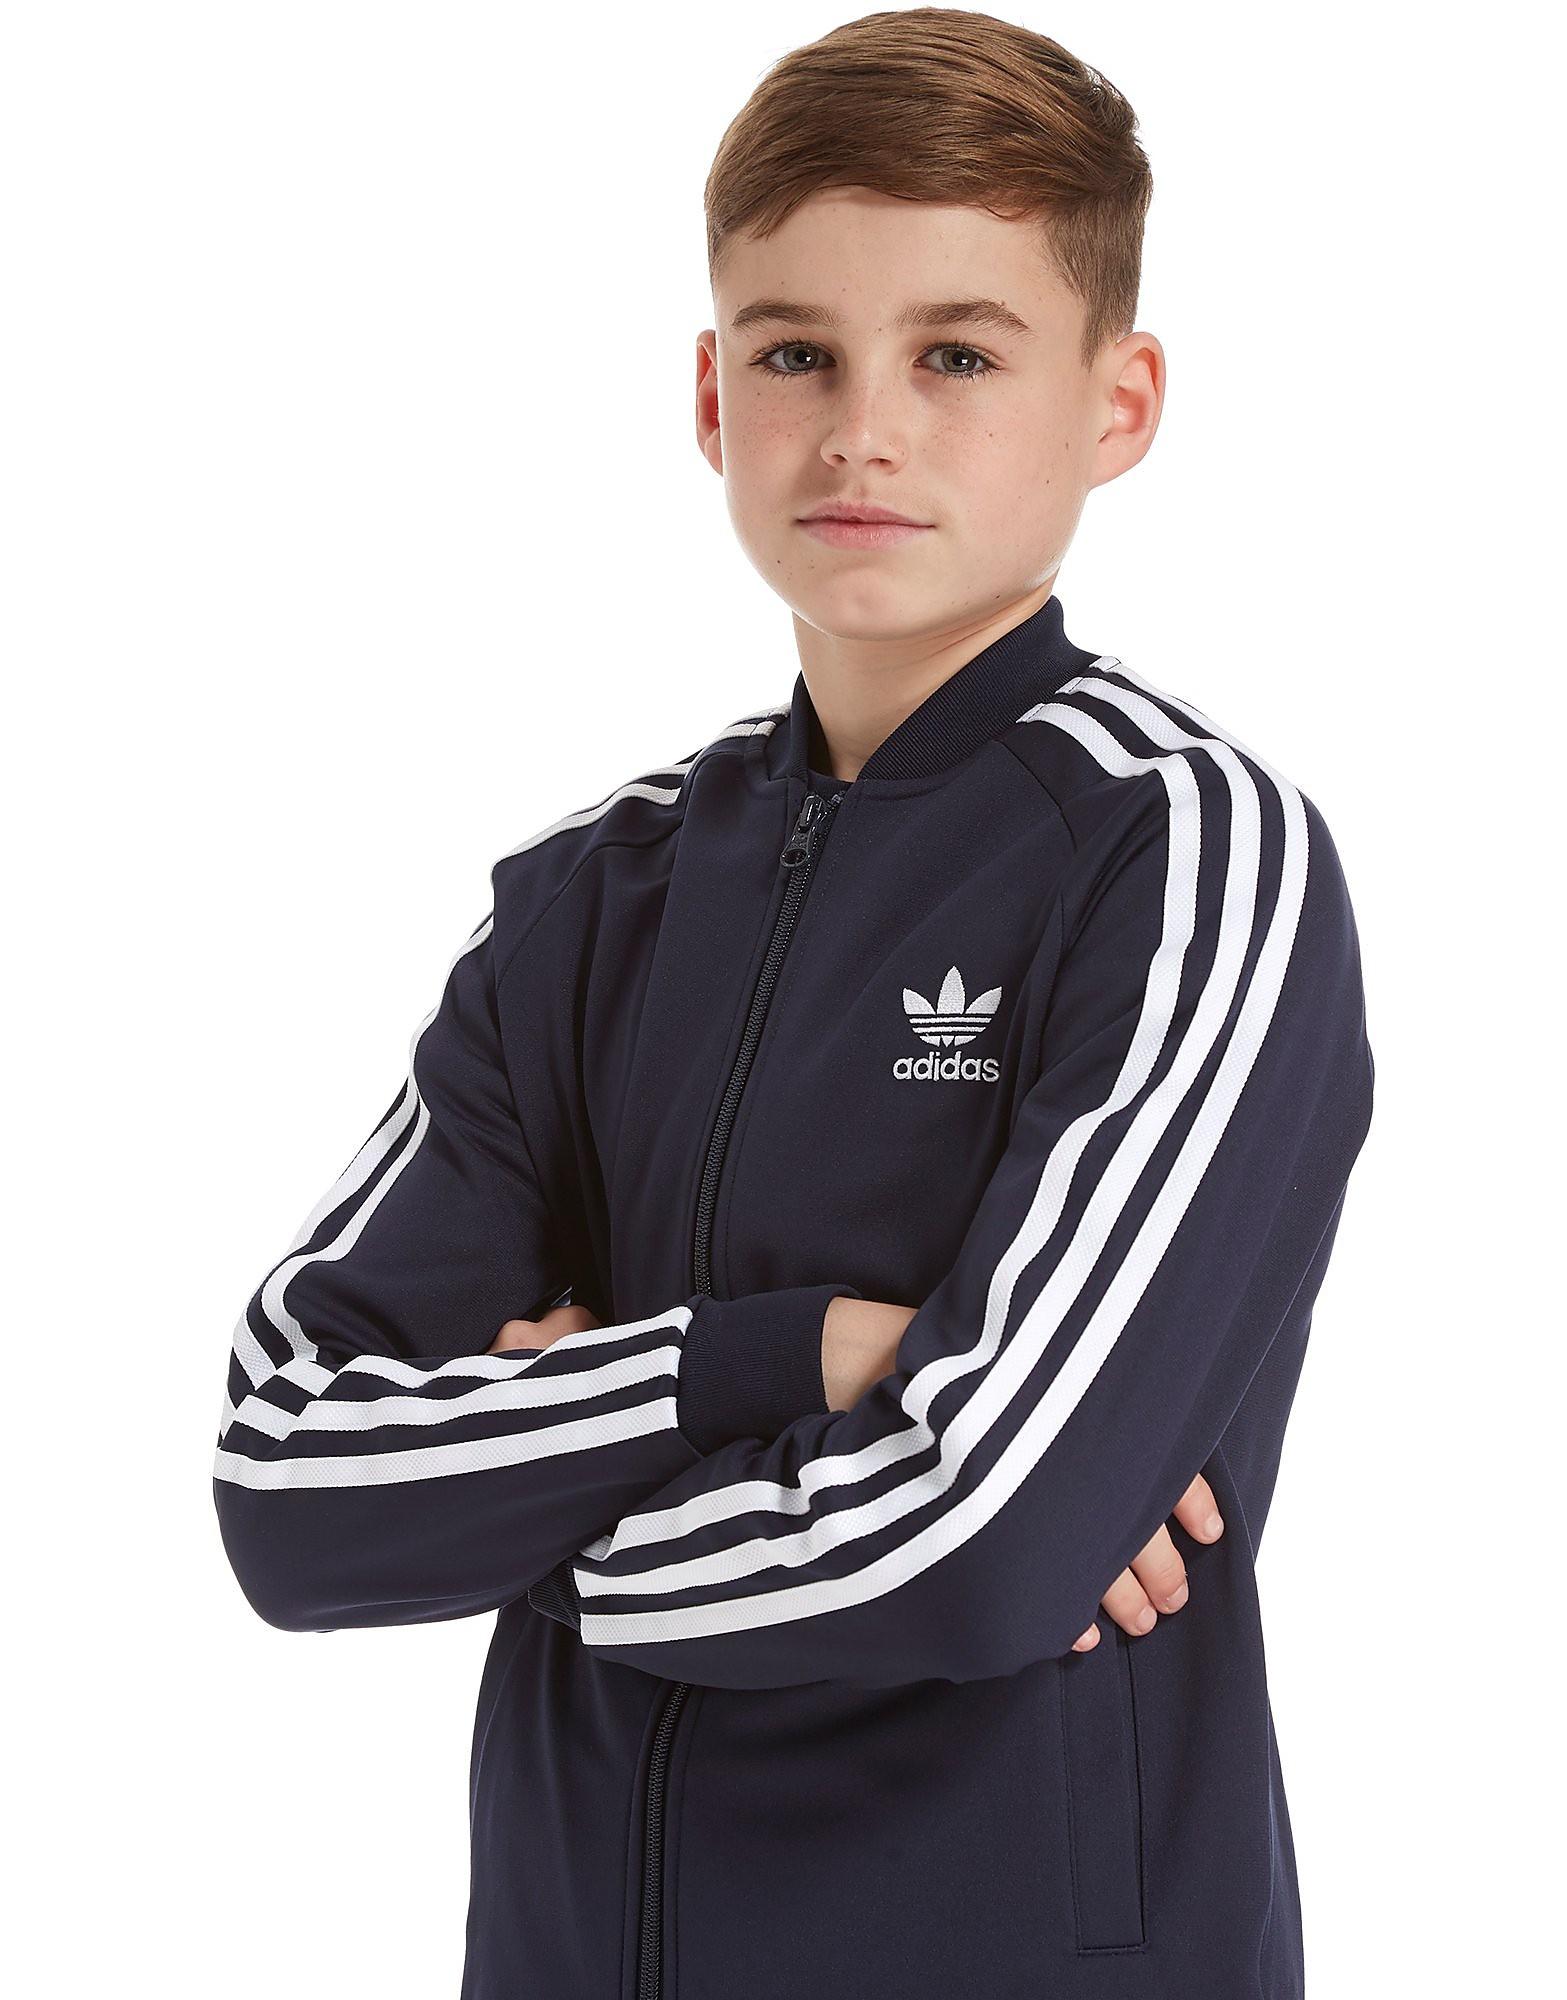 adidas Originals Superstar Trainingsjacke Junior